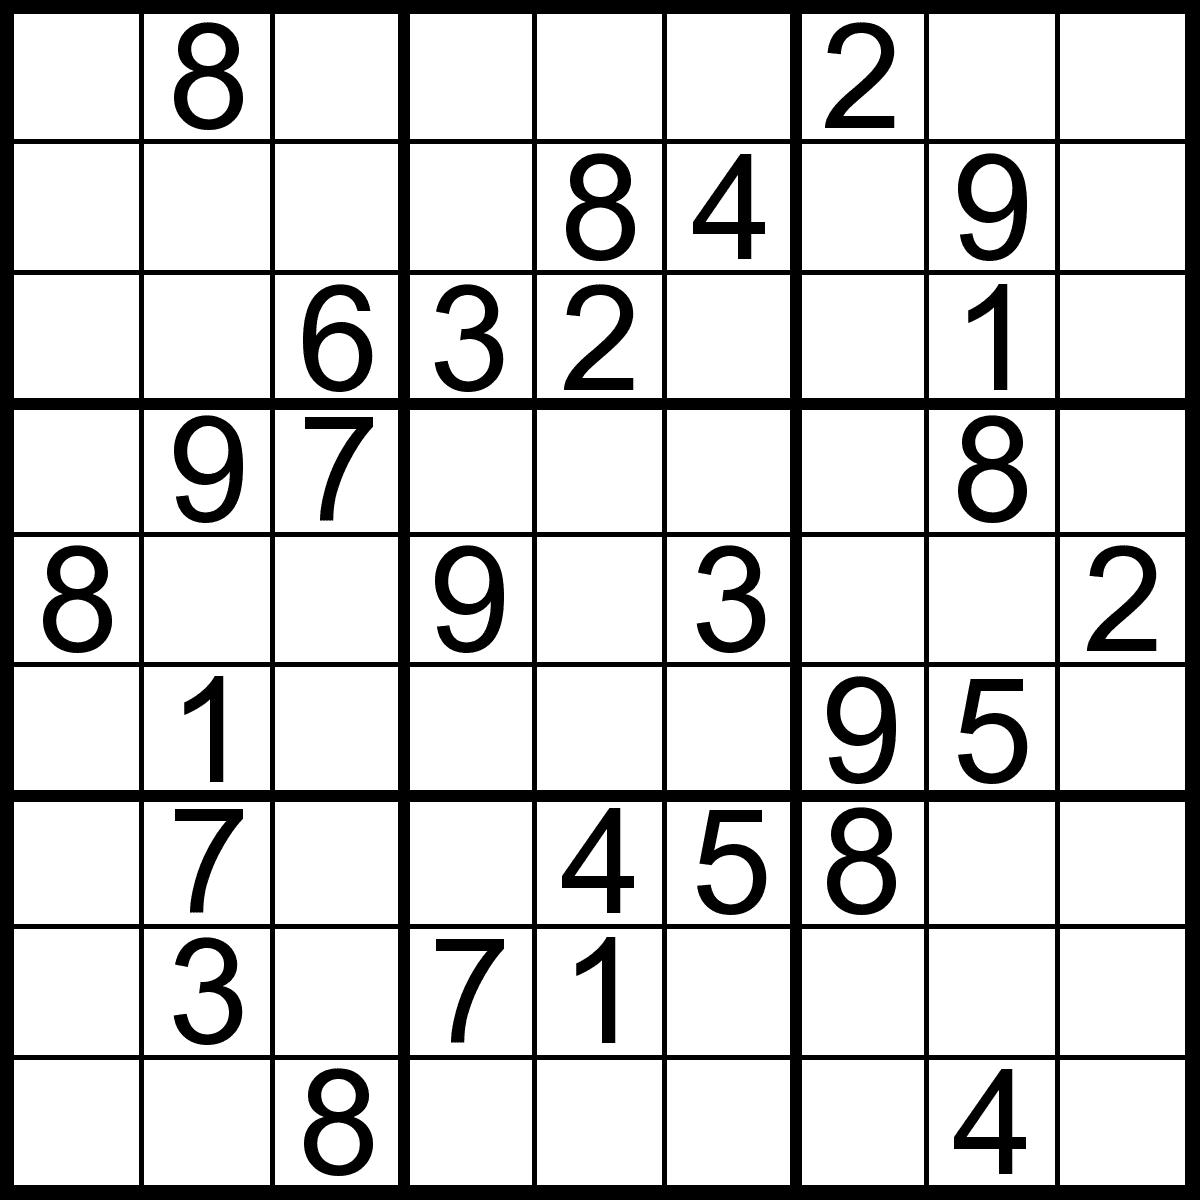 Sudoku Printable Puzzle Free